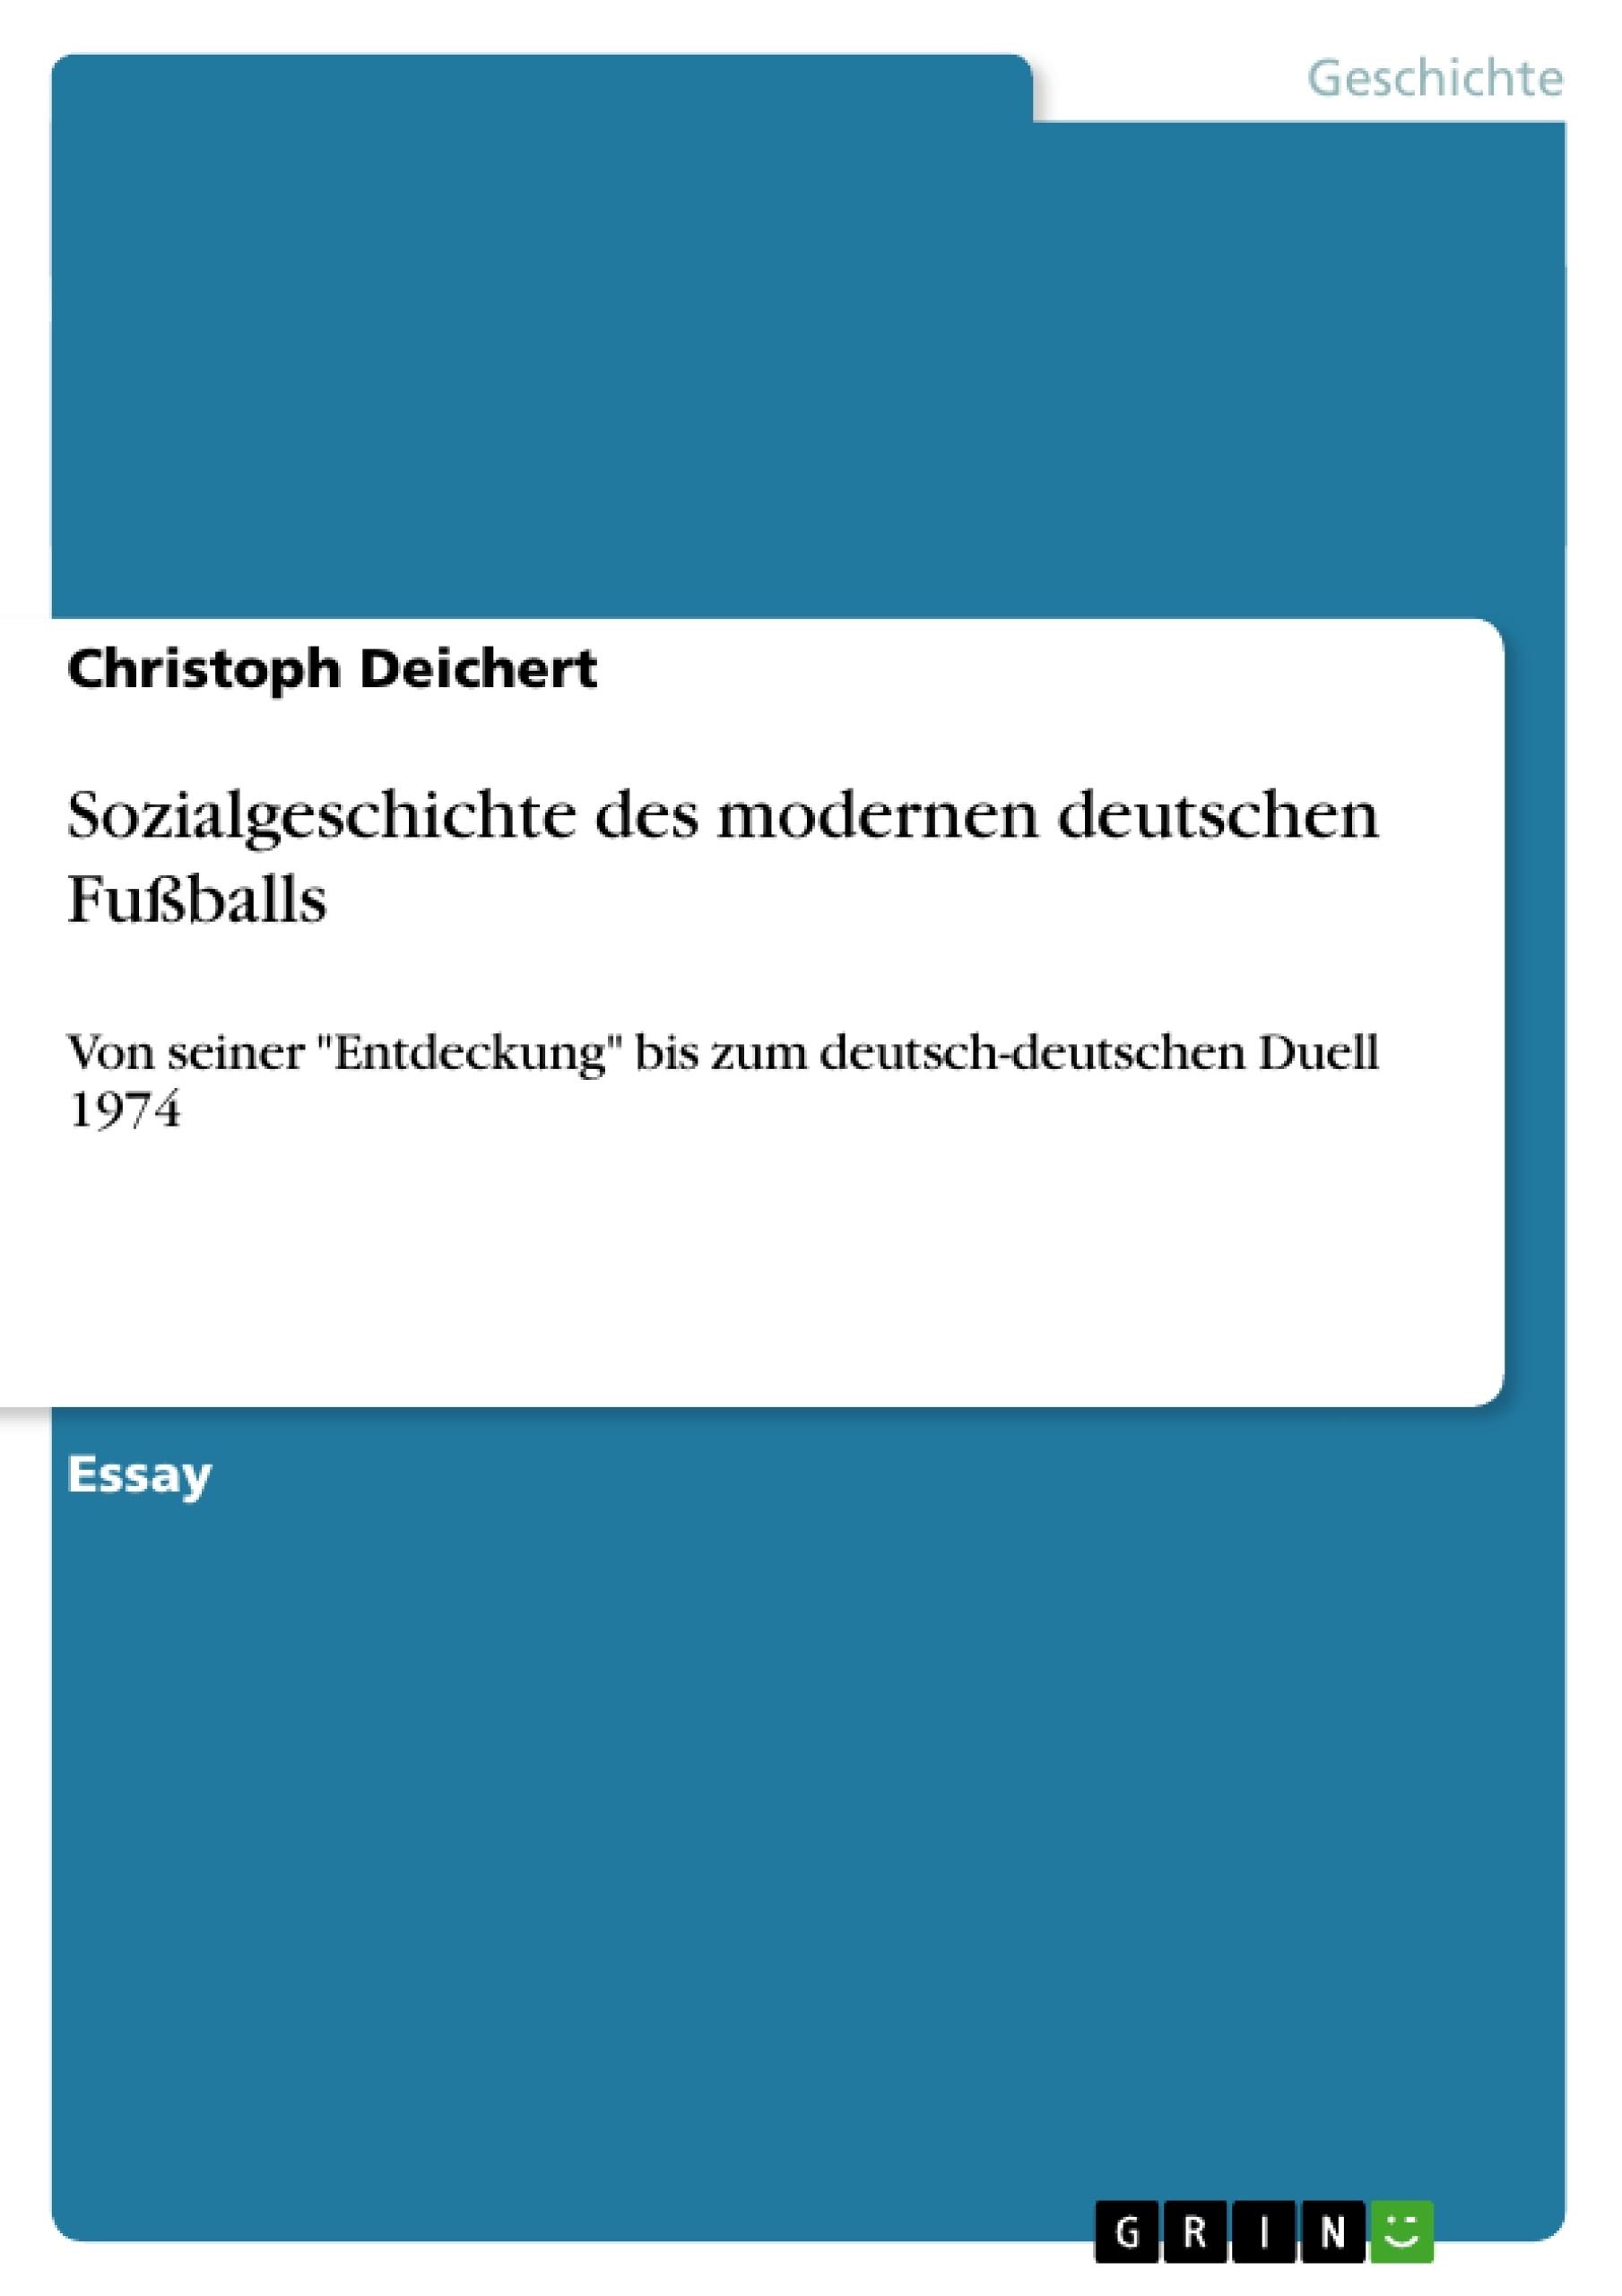 Titel: Sozialgeschichte des modernen deutschen Fußballs